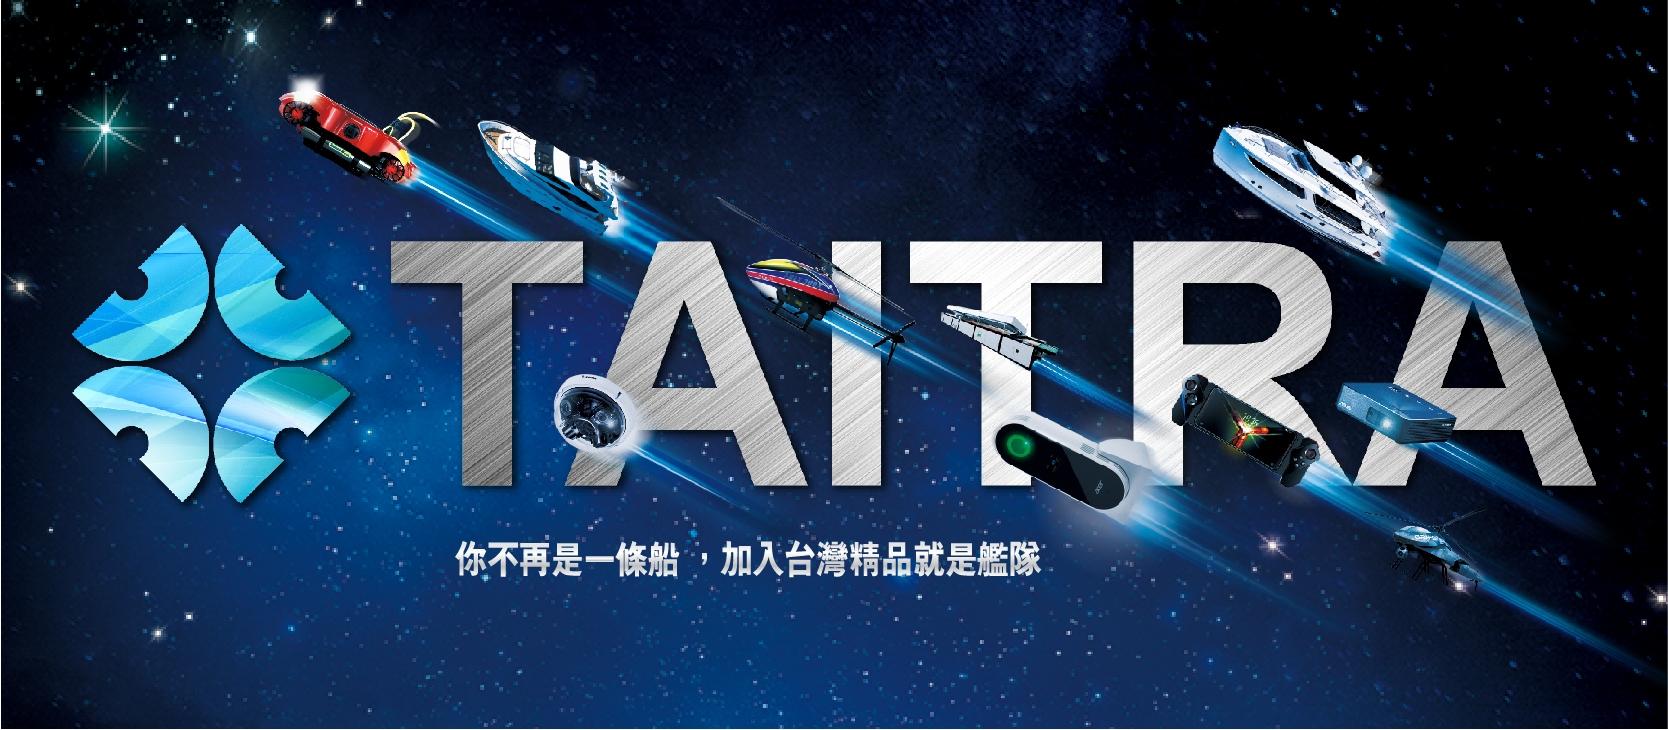 台灣精品是臺灣產業界的奧斯卡獎,3/16至6/22歡迎臺灣產業菁英踴躍報名!